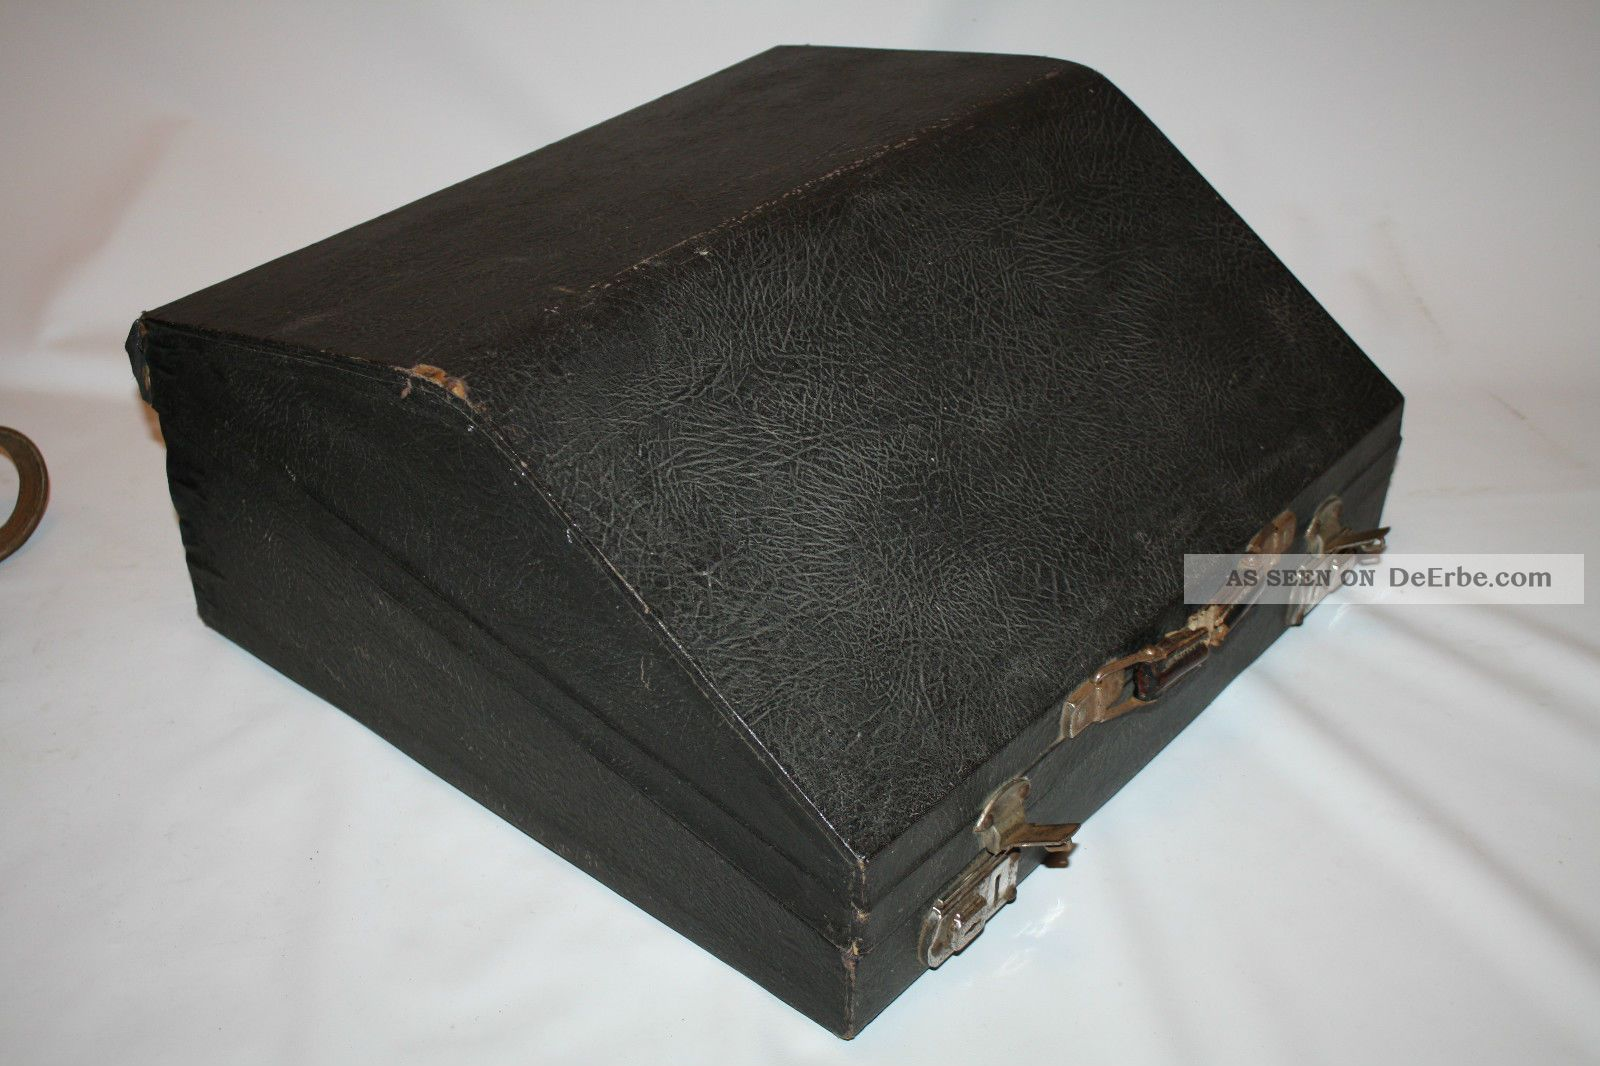 hohner akkordeon verdi i mit koffer zum aufarbeiten oder als deko. Black Bedroom Furniture Sets. Home Design Ideas